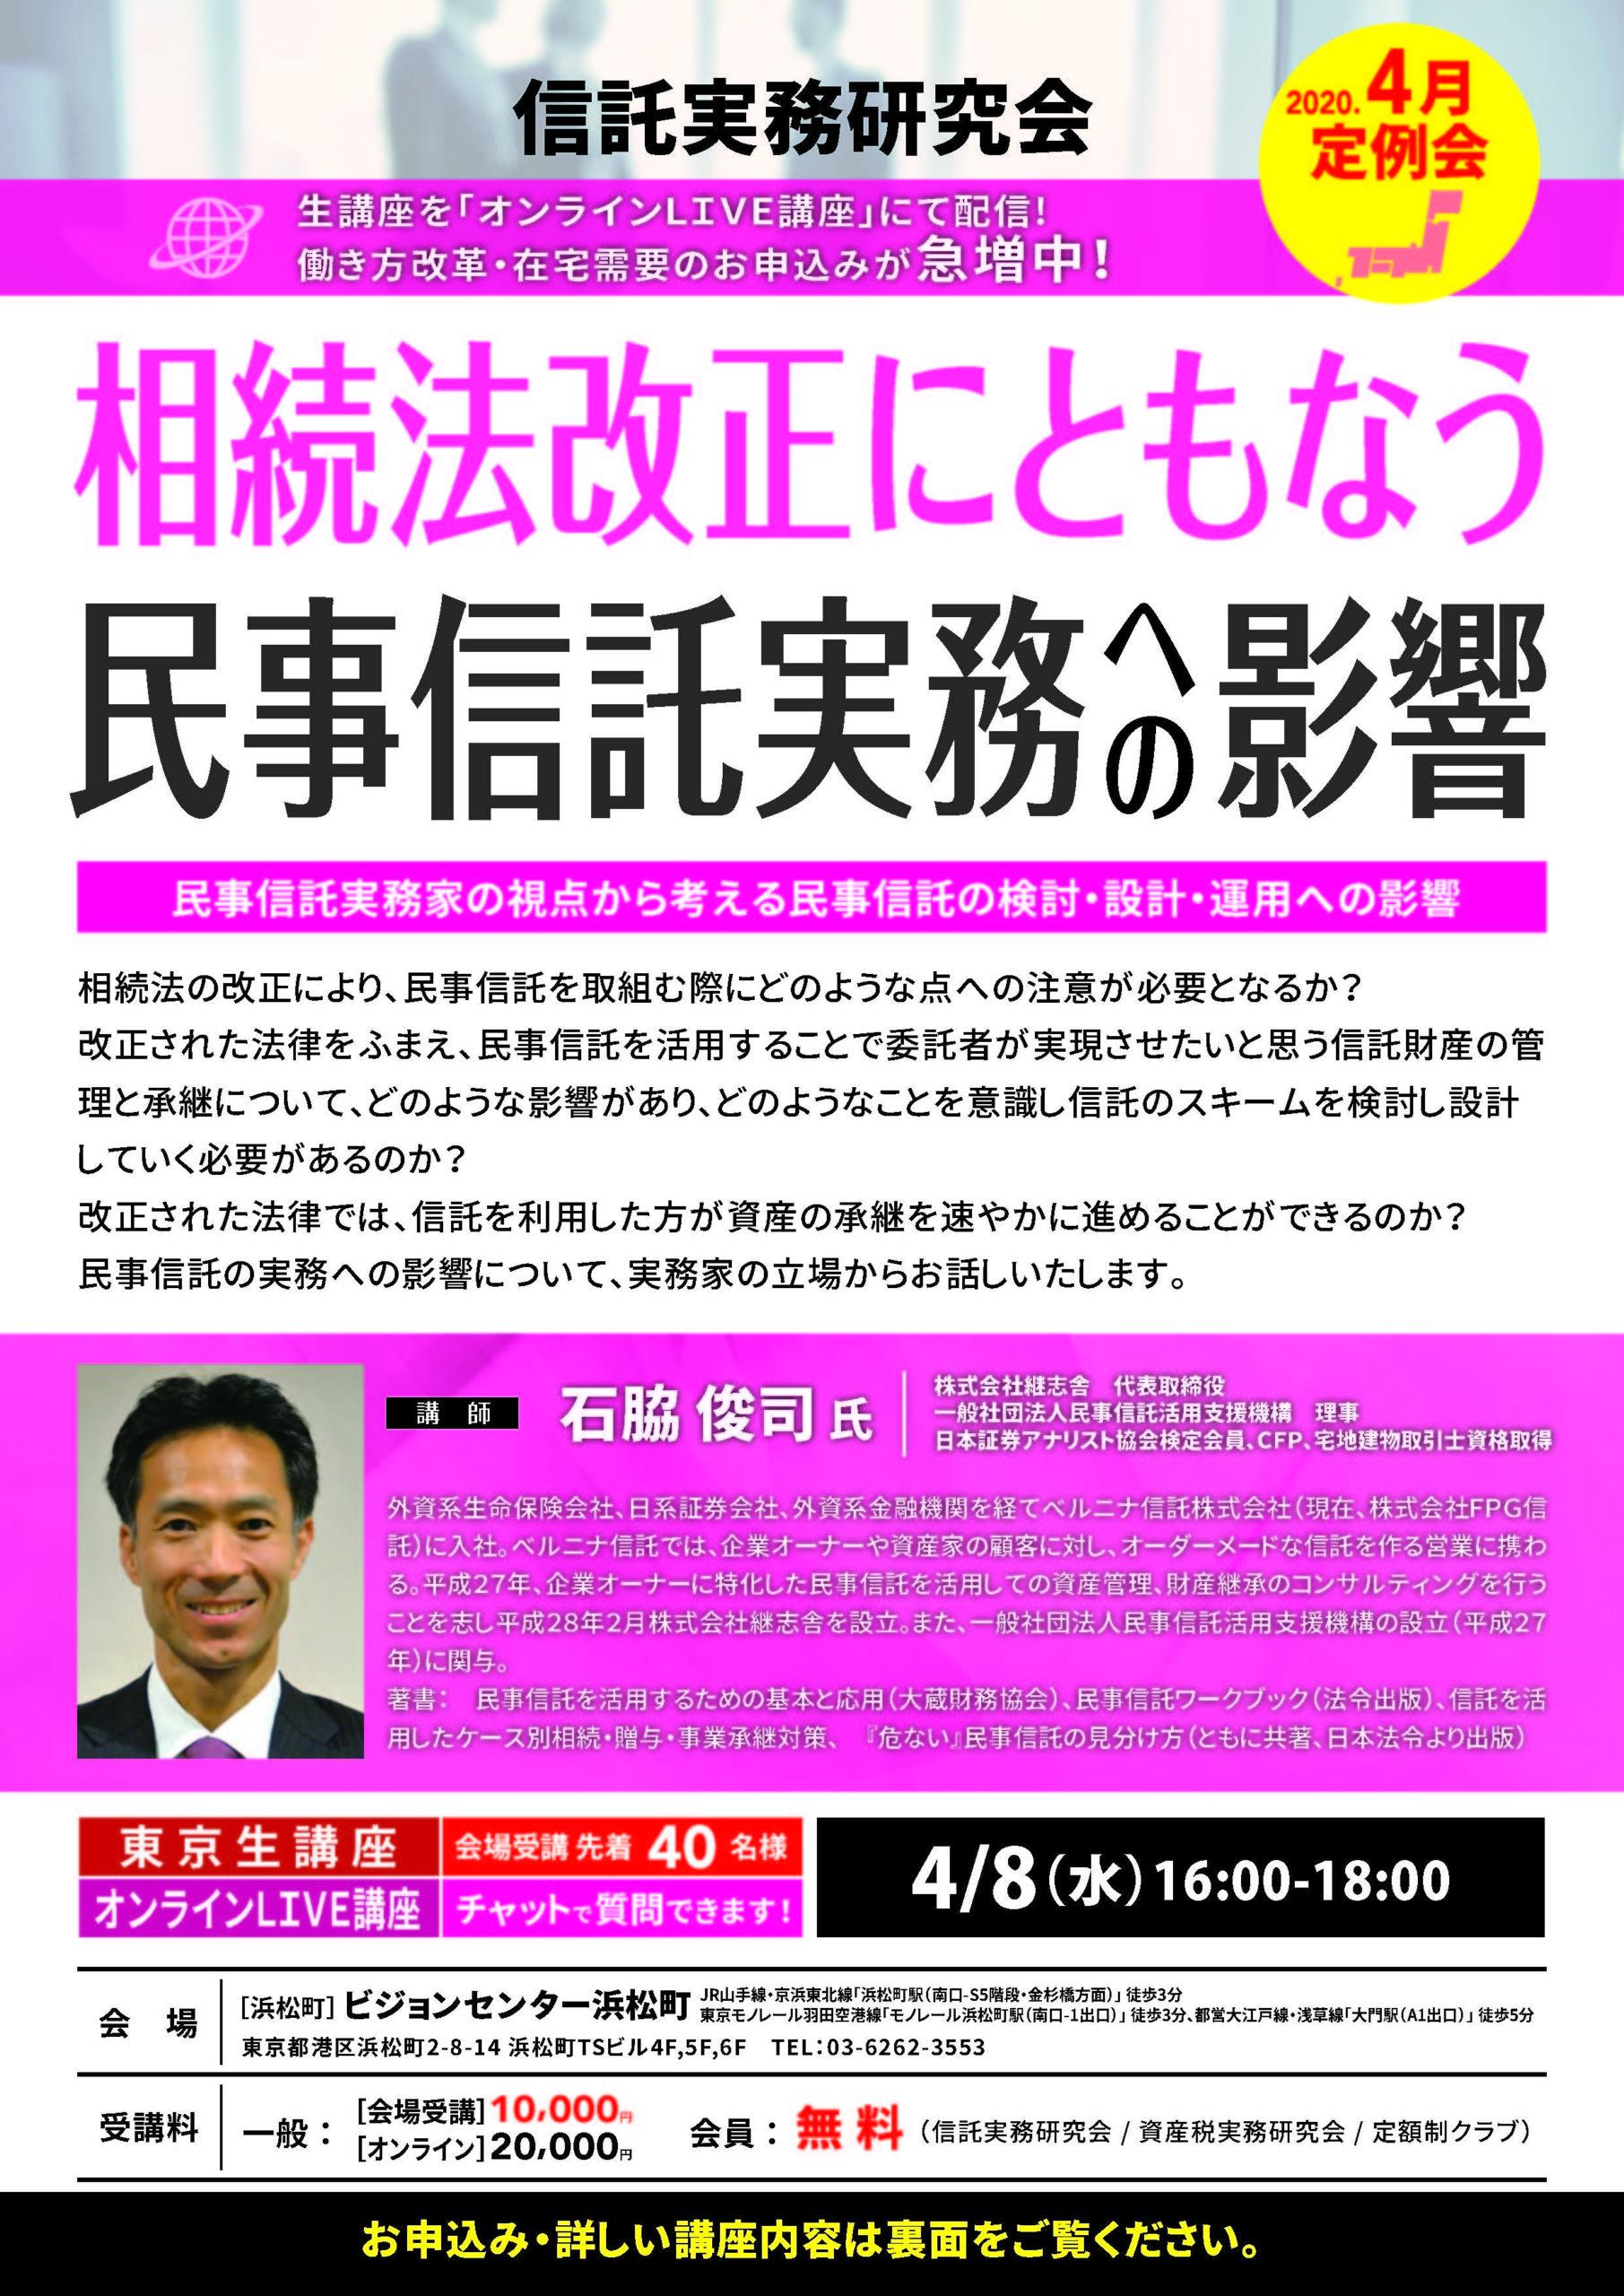 【信託実務研究会 定例会】